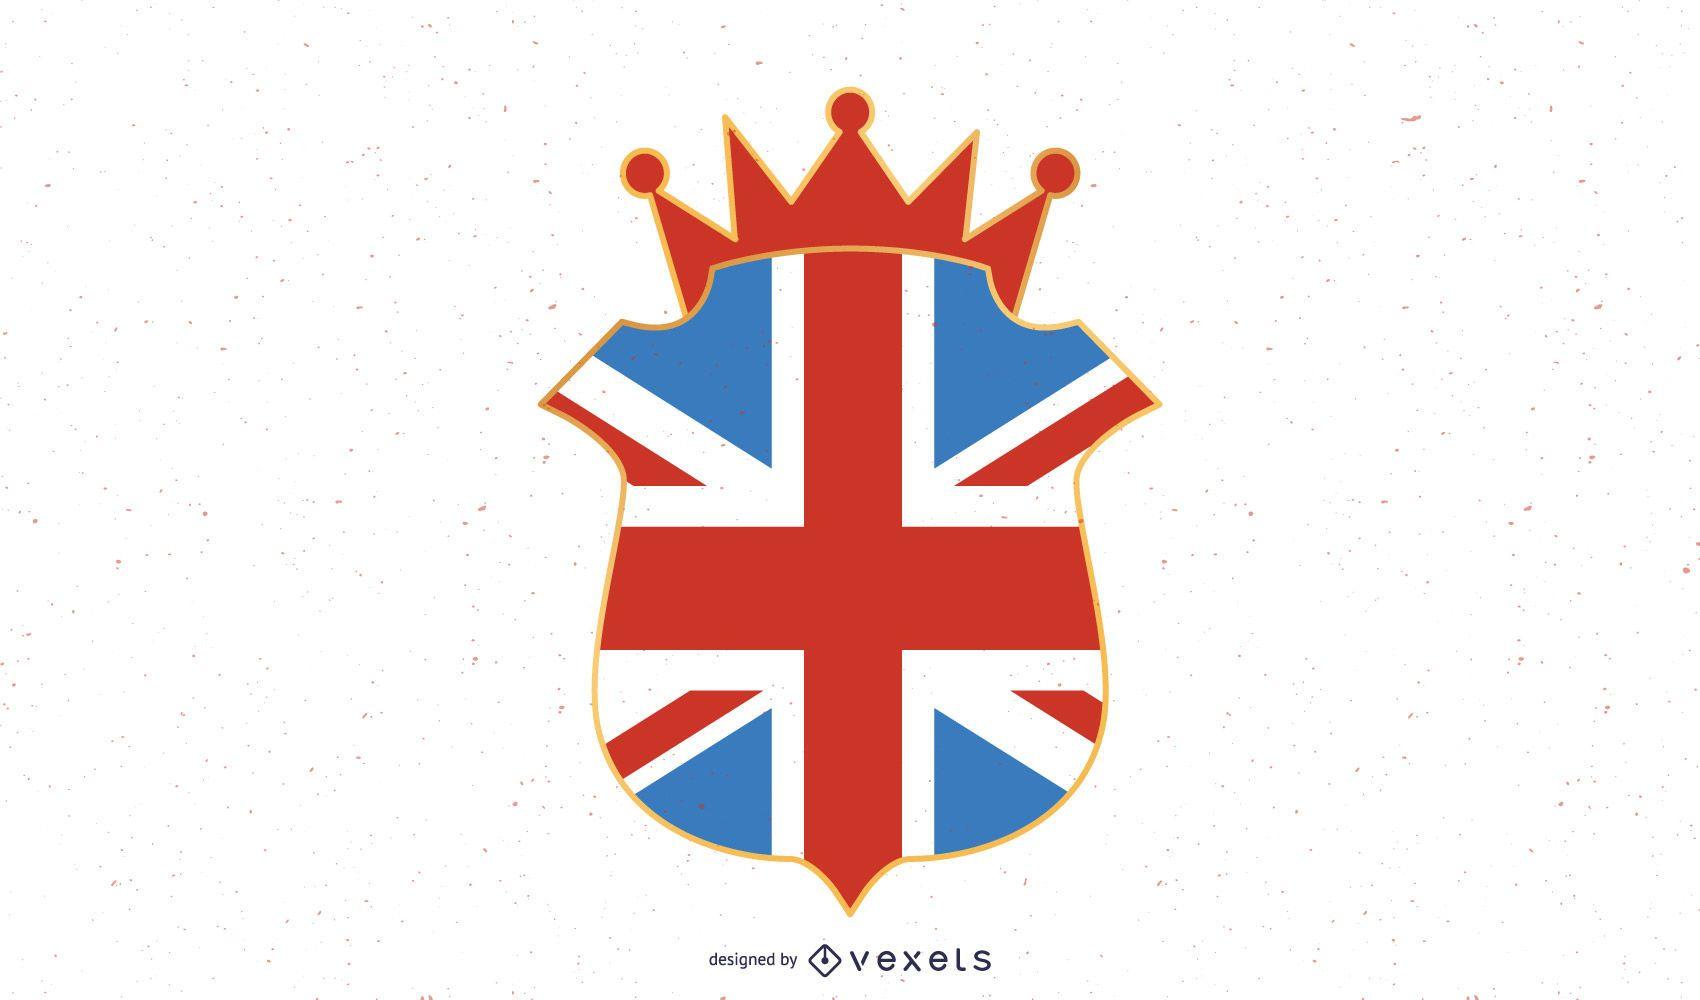 Ilustraci?n del emblema del Reino Unido